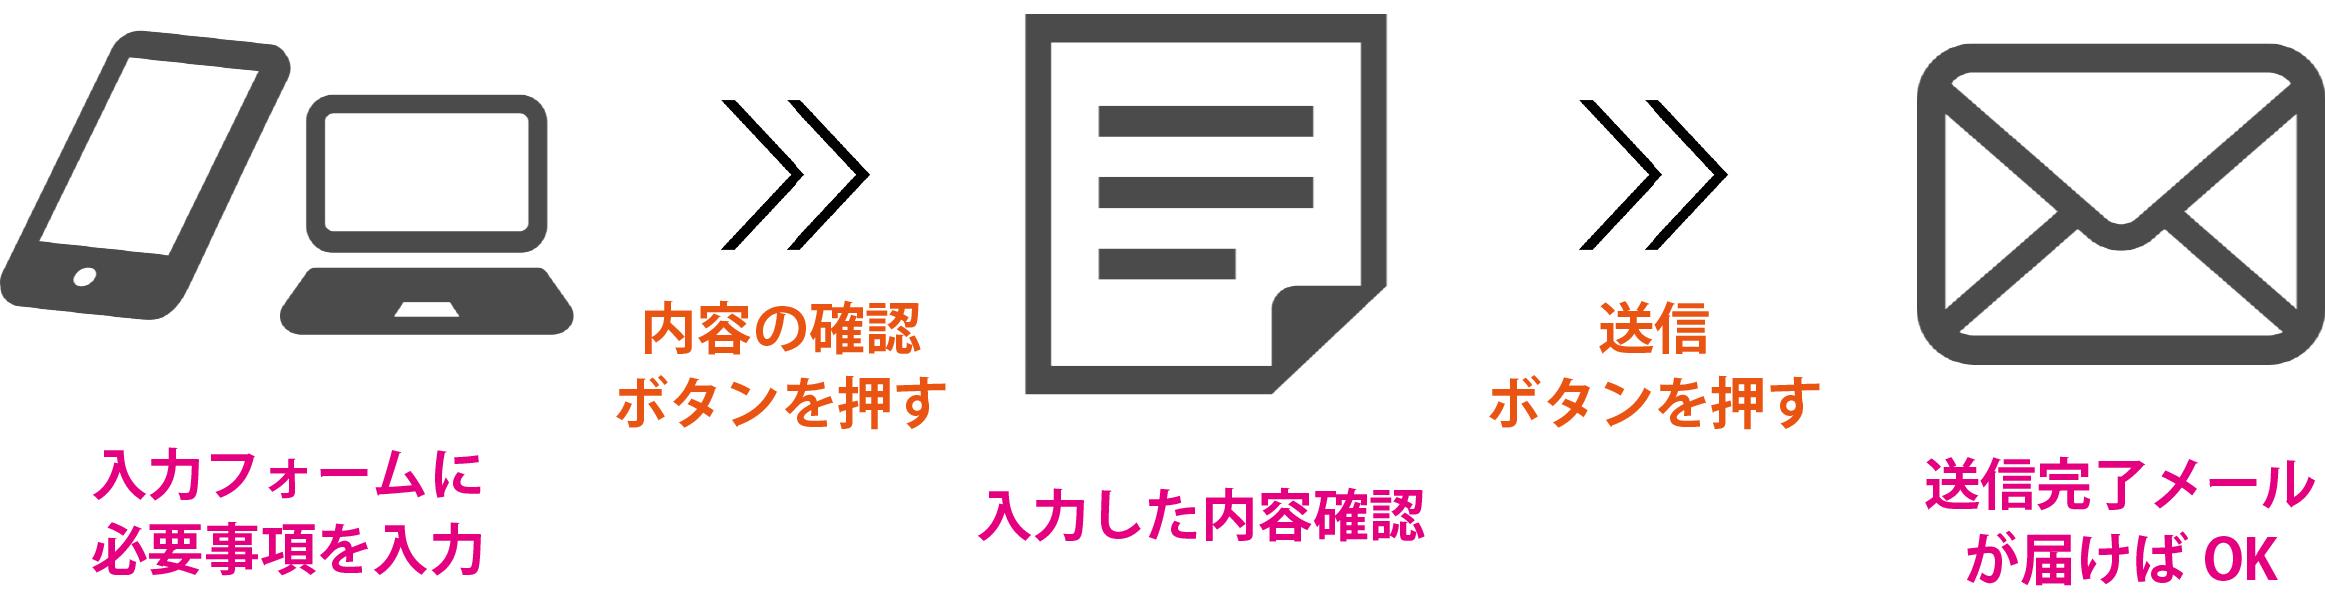 入力フォームに必要事項を入力→内容確認→自動返信メールが来ればOK!